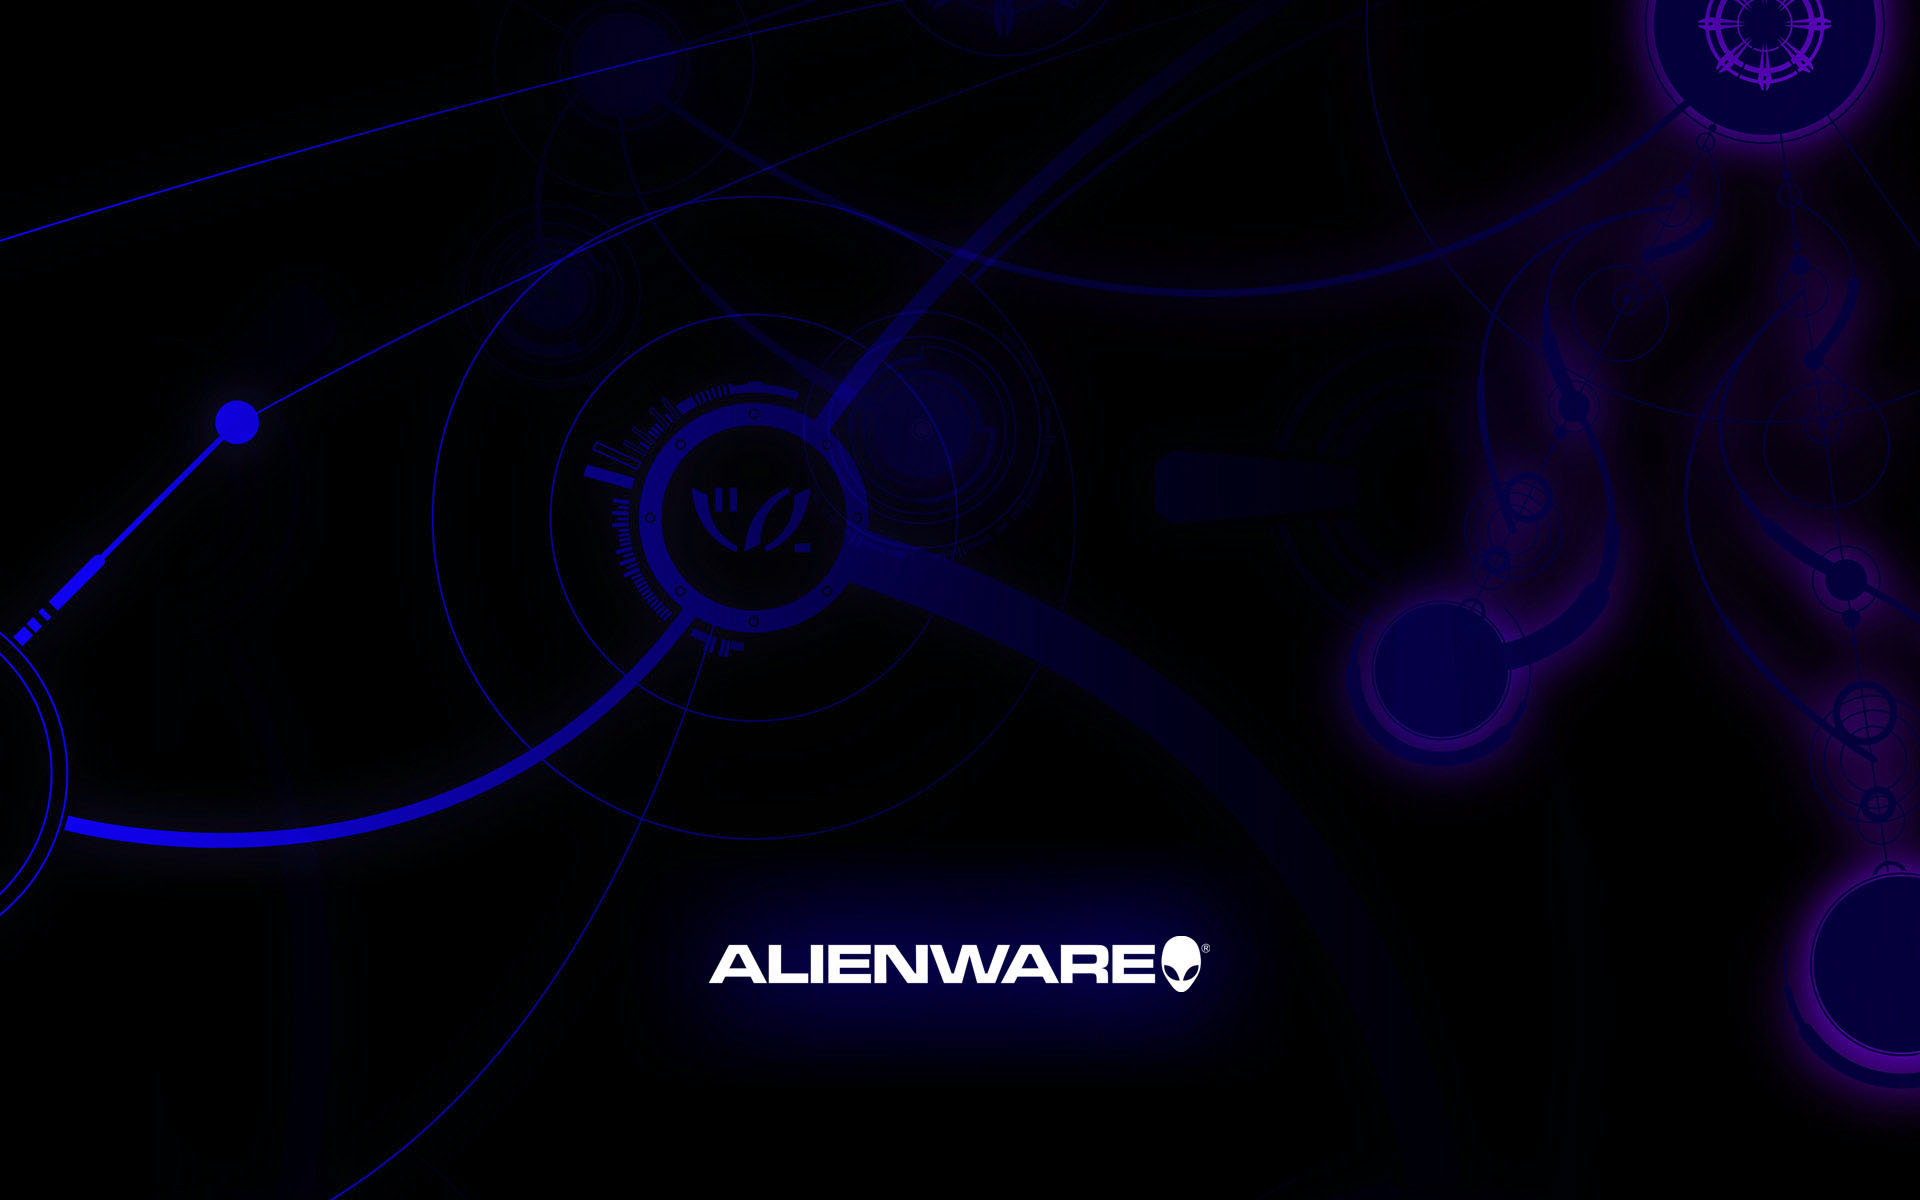 Alienware Logo HD Wallpaper